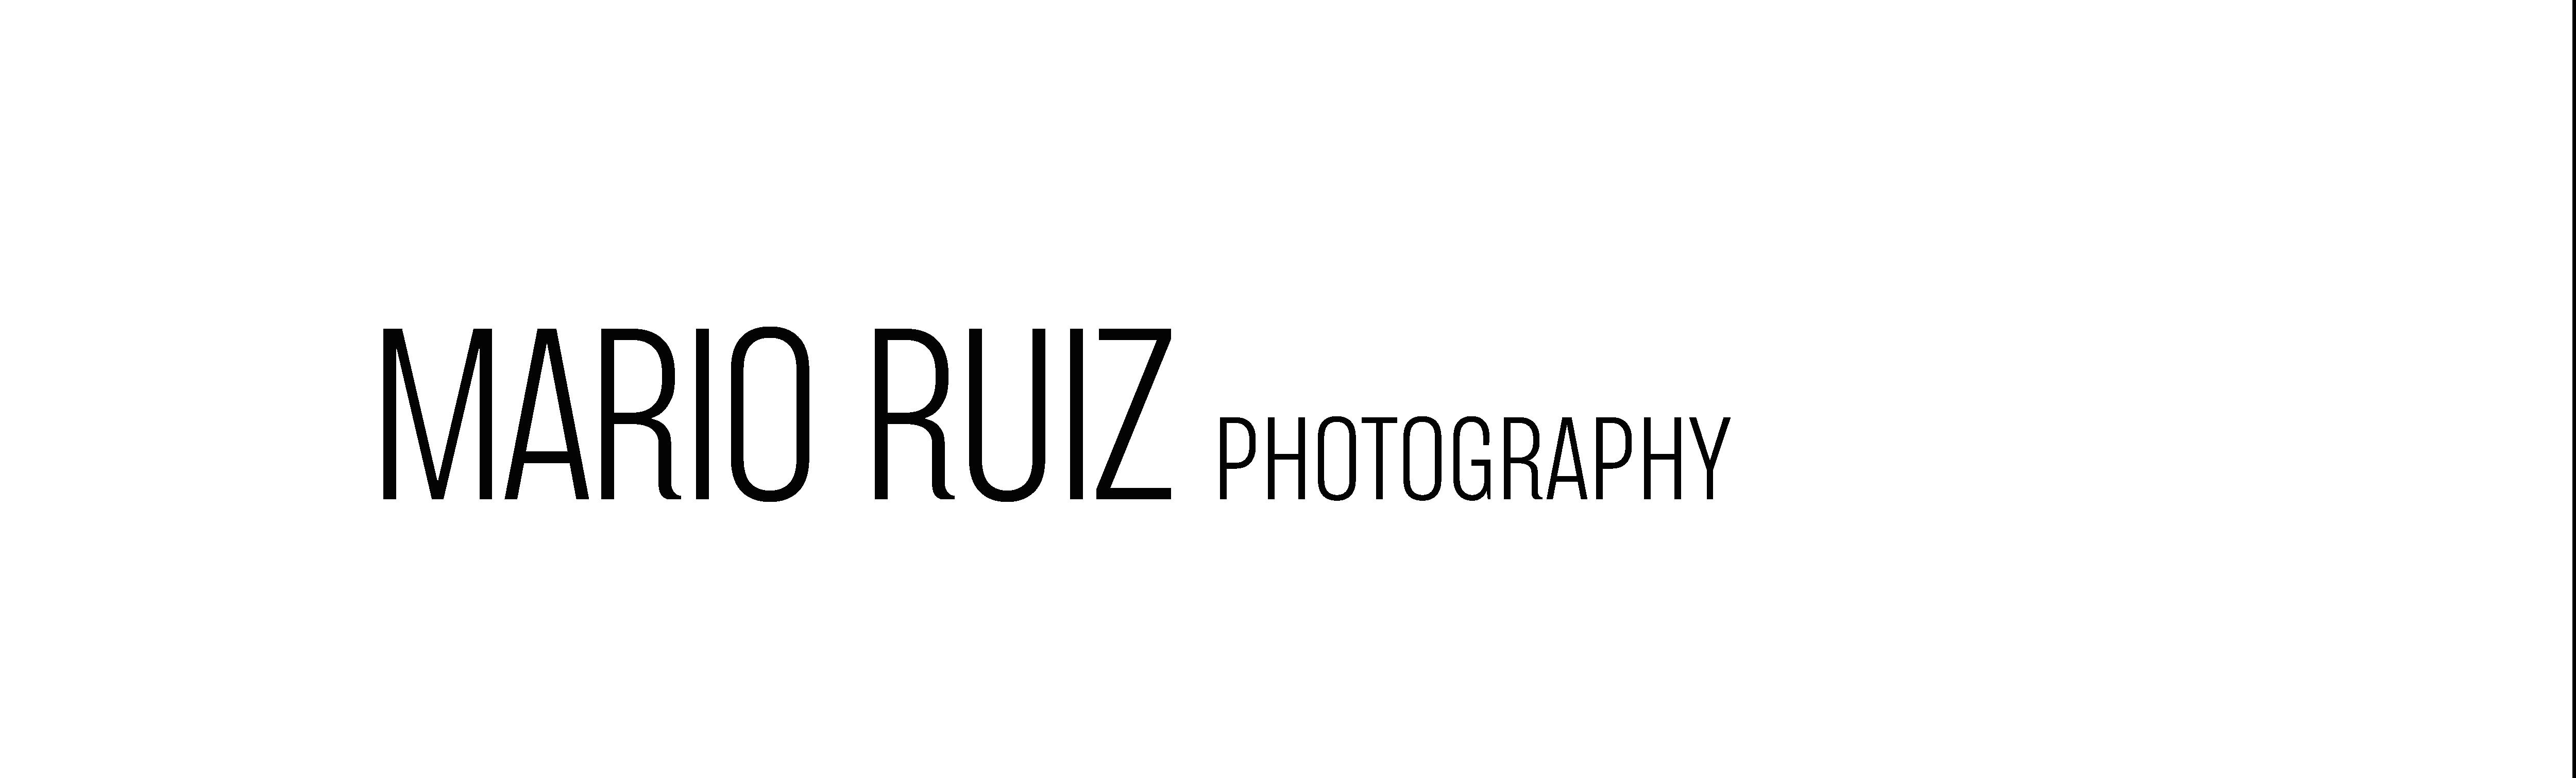 Mario Ruiz Photography - Trouwfotograaf en Bruiloft fotograaf Nijmegen en heel Nederland - logo